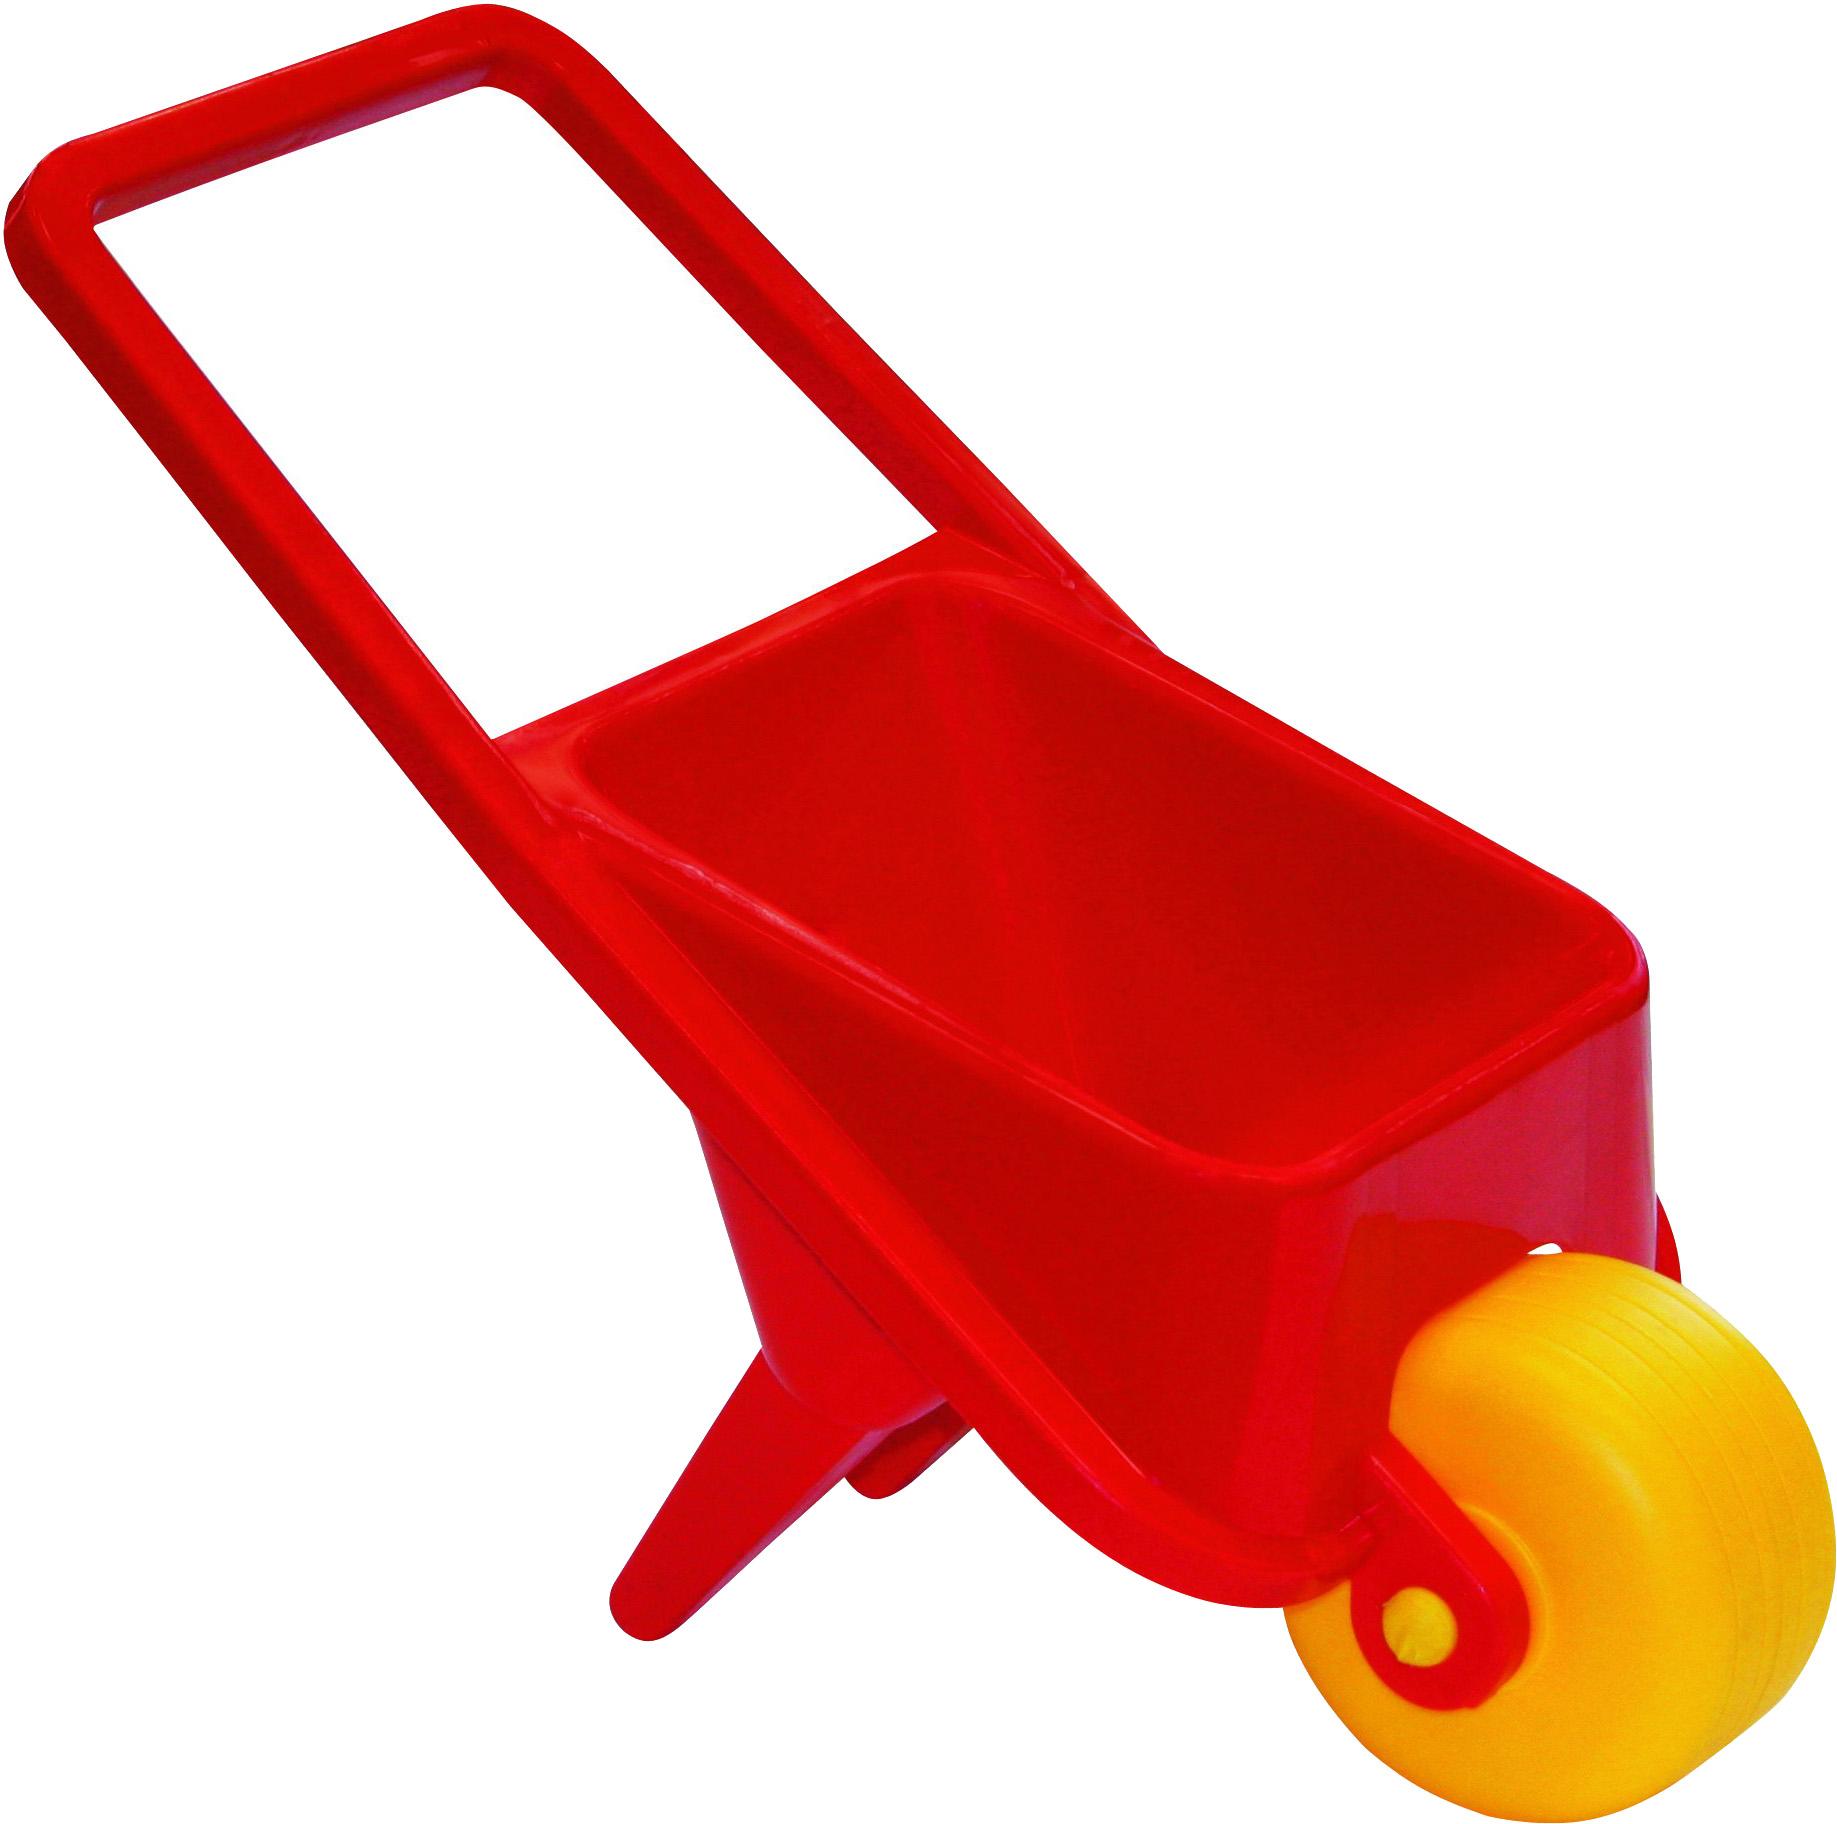 Купить Игрушки для песка, Нордпласт, Россия, в ассортименте